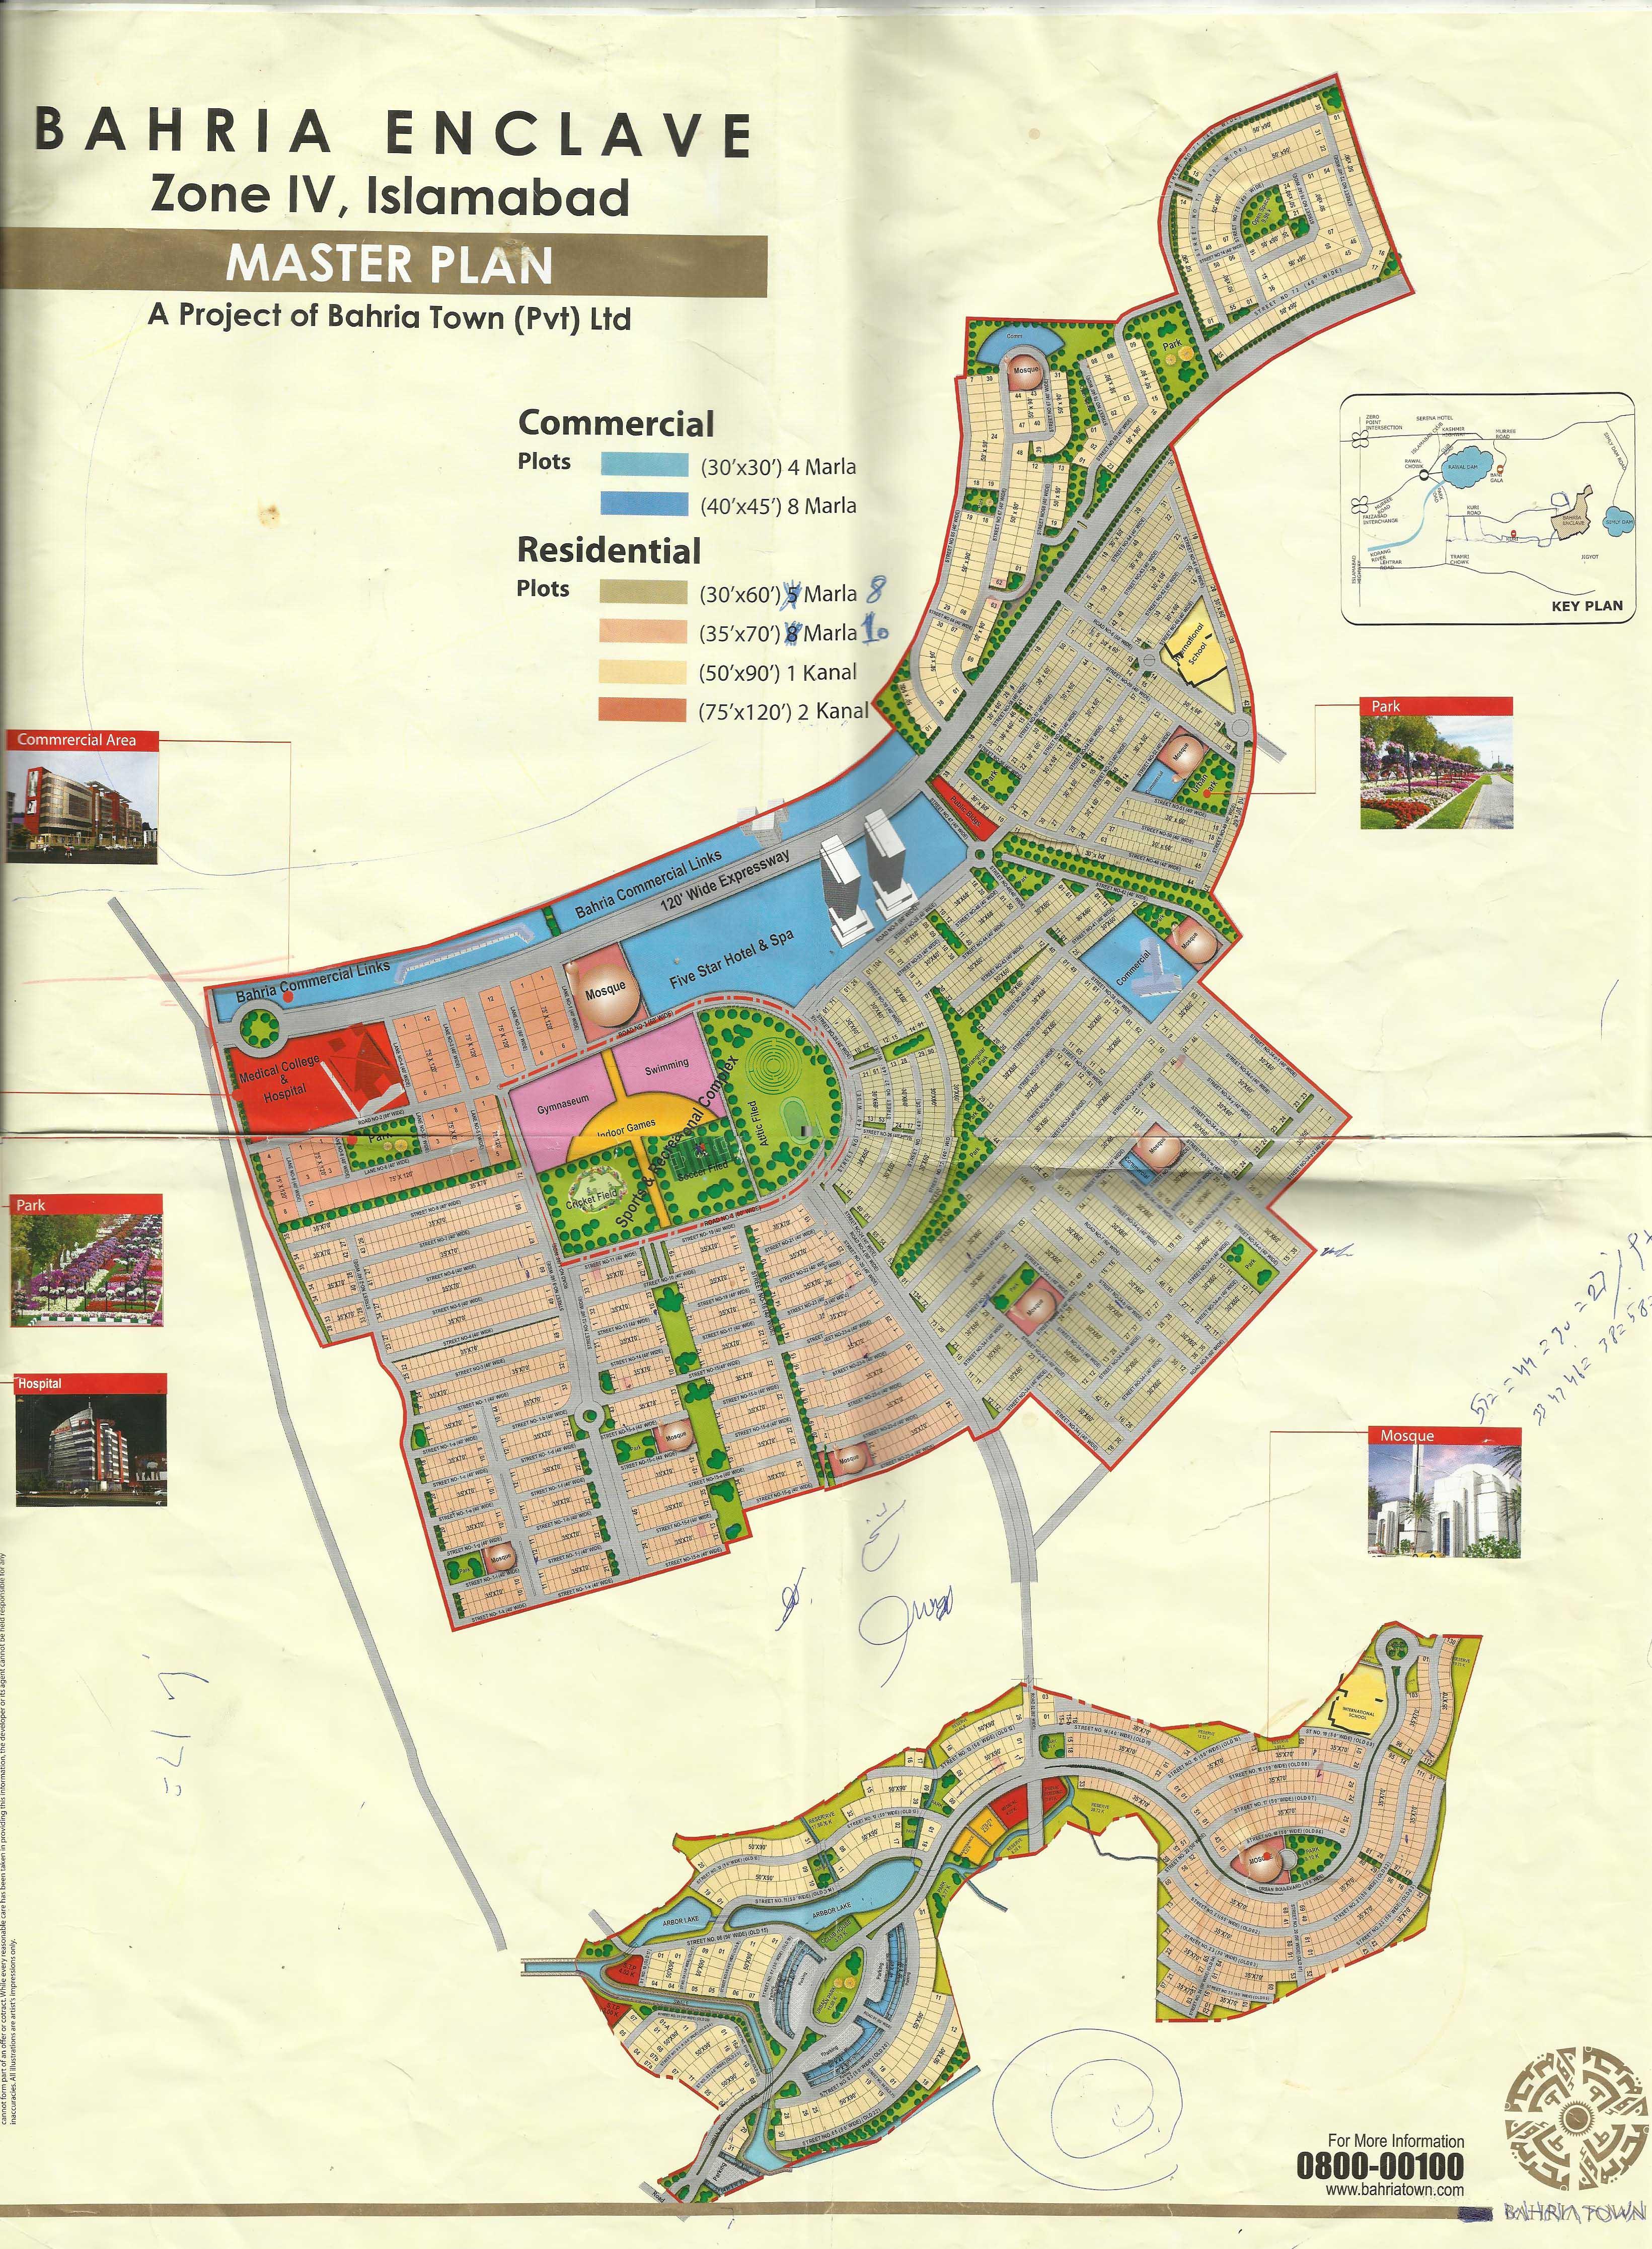 Bahria Enclave Map